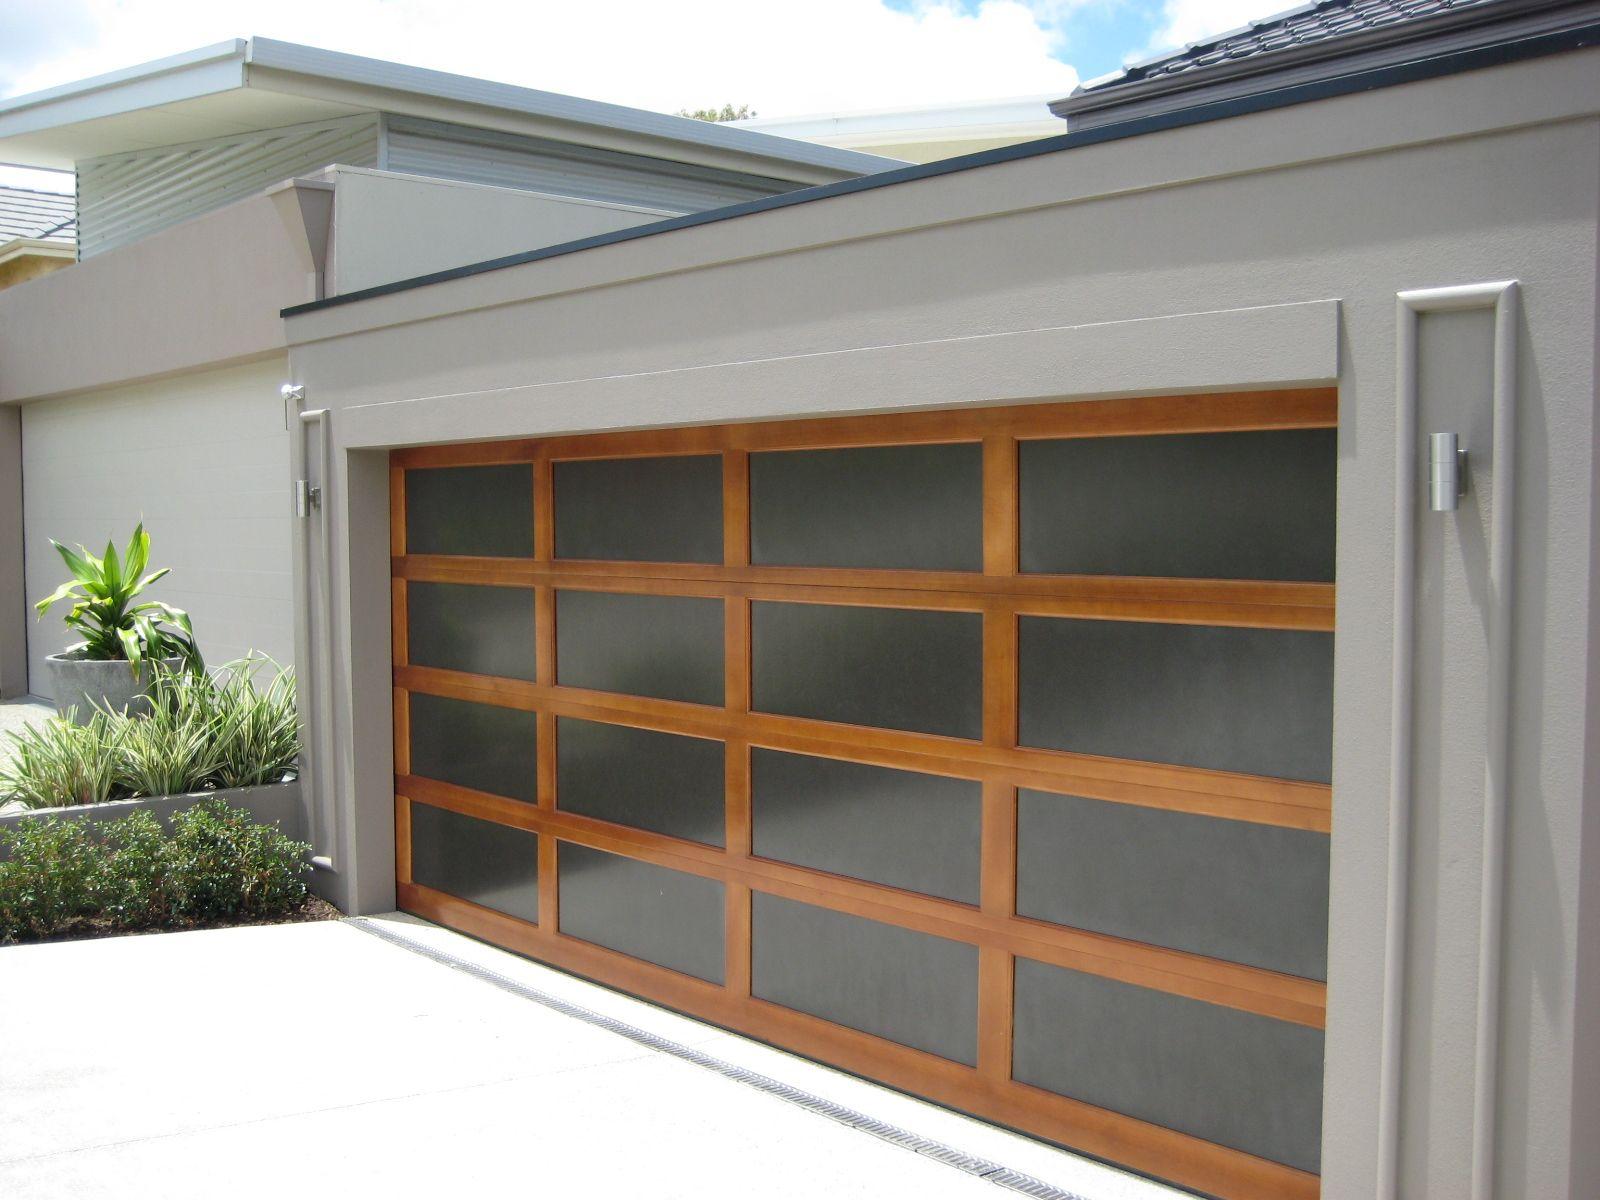 Danmar Verti Panel Garage Door Collaroy Renovations Pinterest